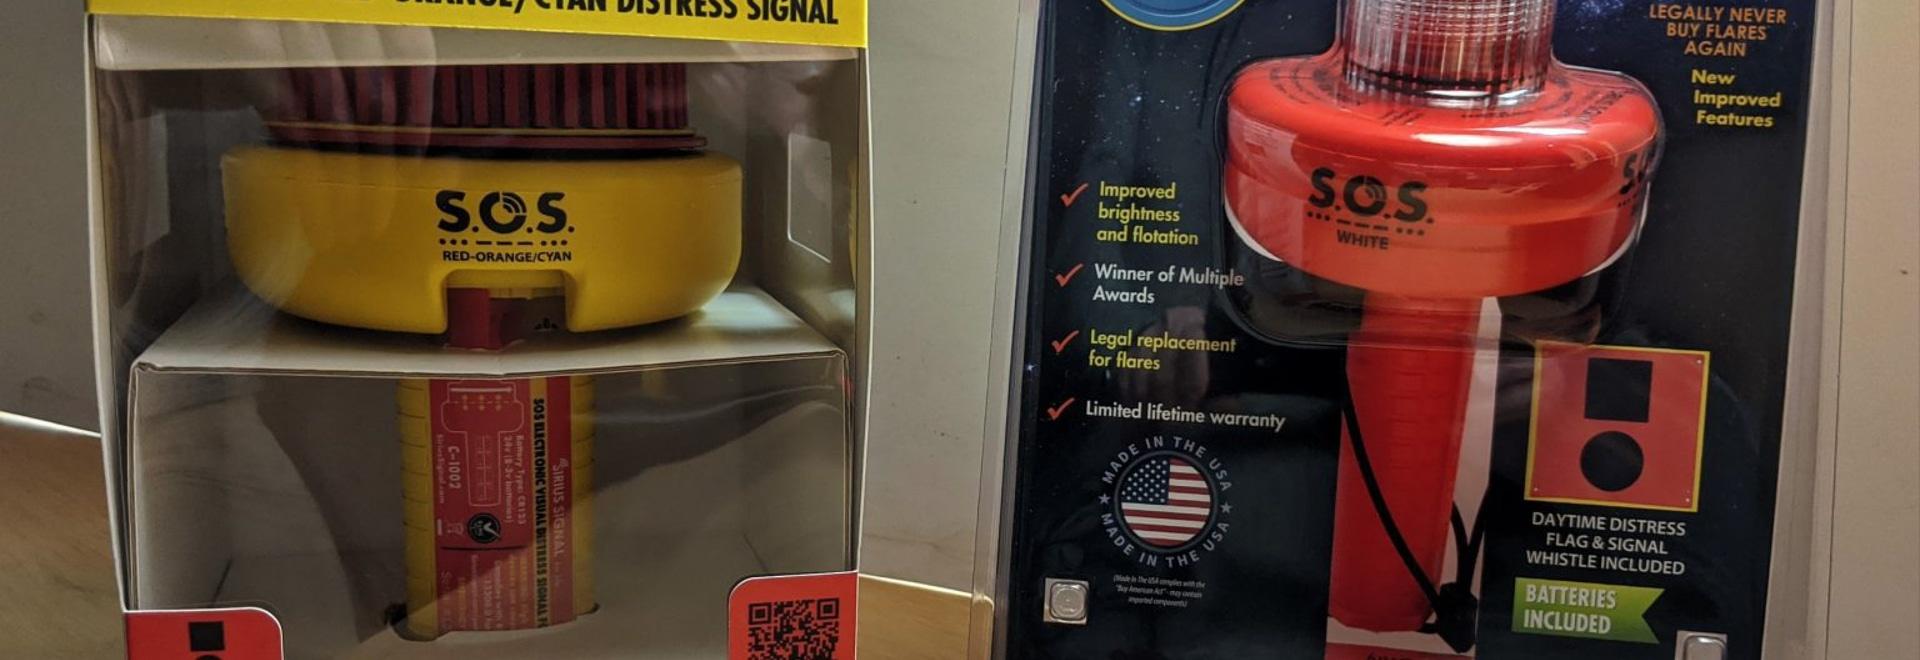 Sirius-Signal C-1002 & C-1003 SOS-Notsignal-Tests beginnen, Zukunft rosig